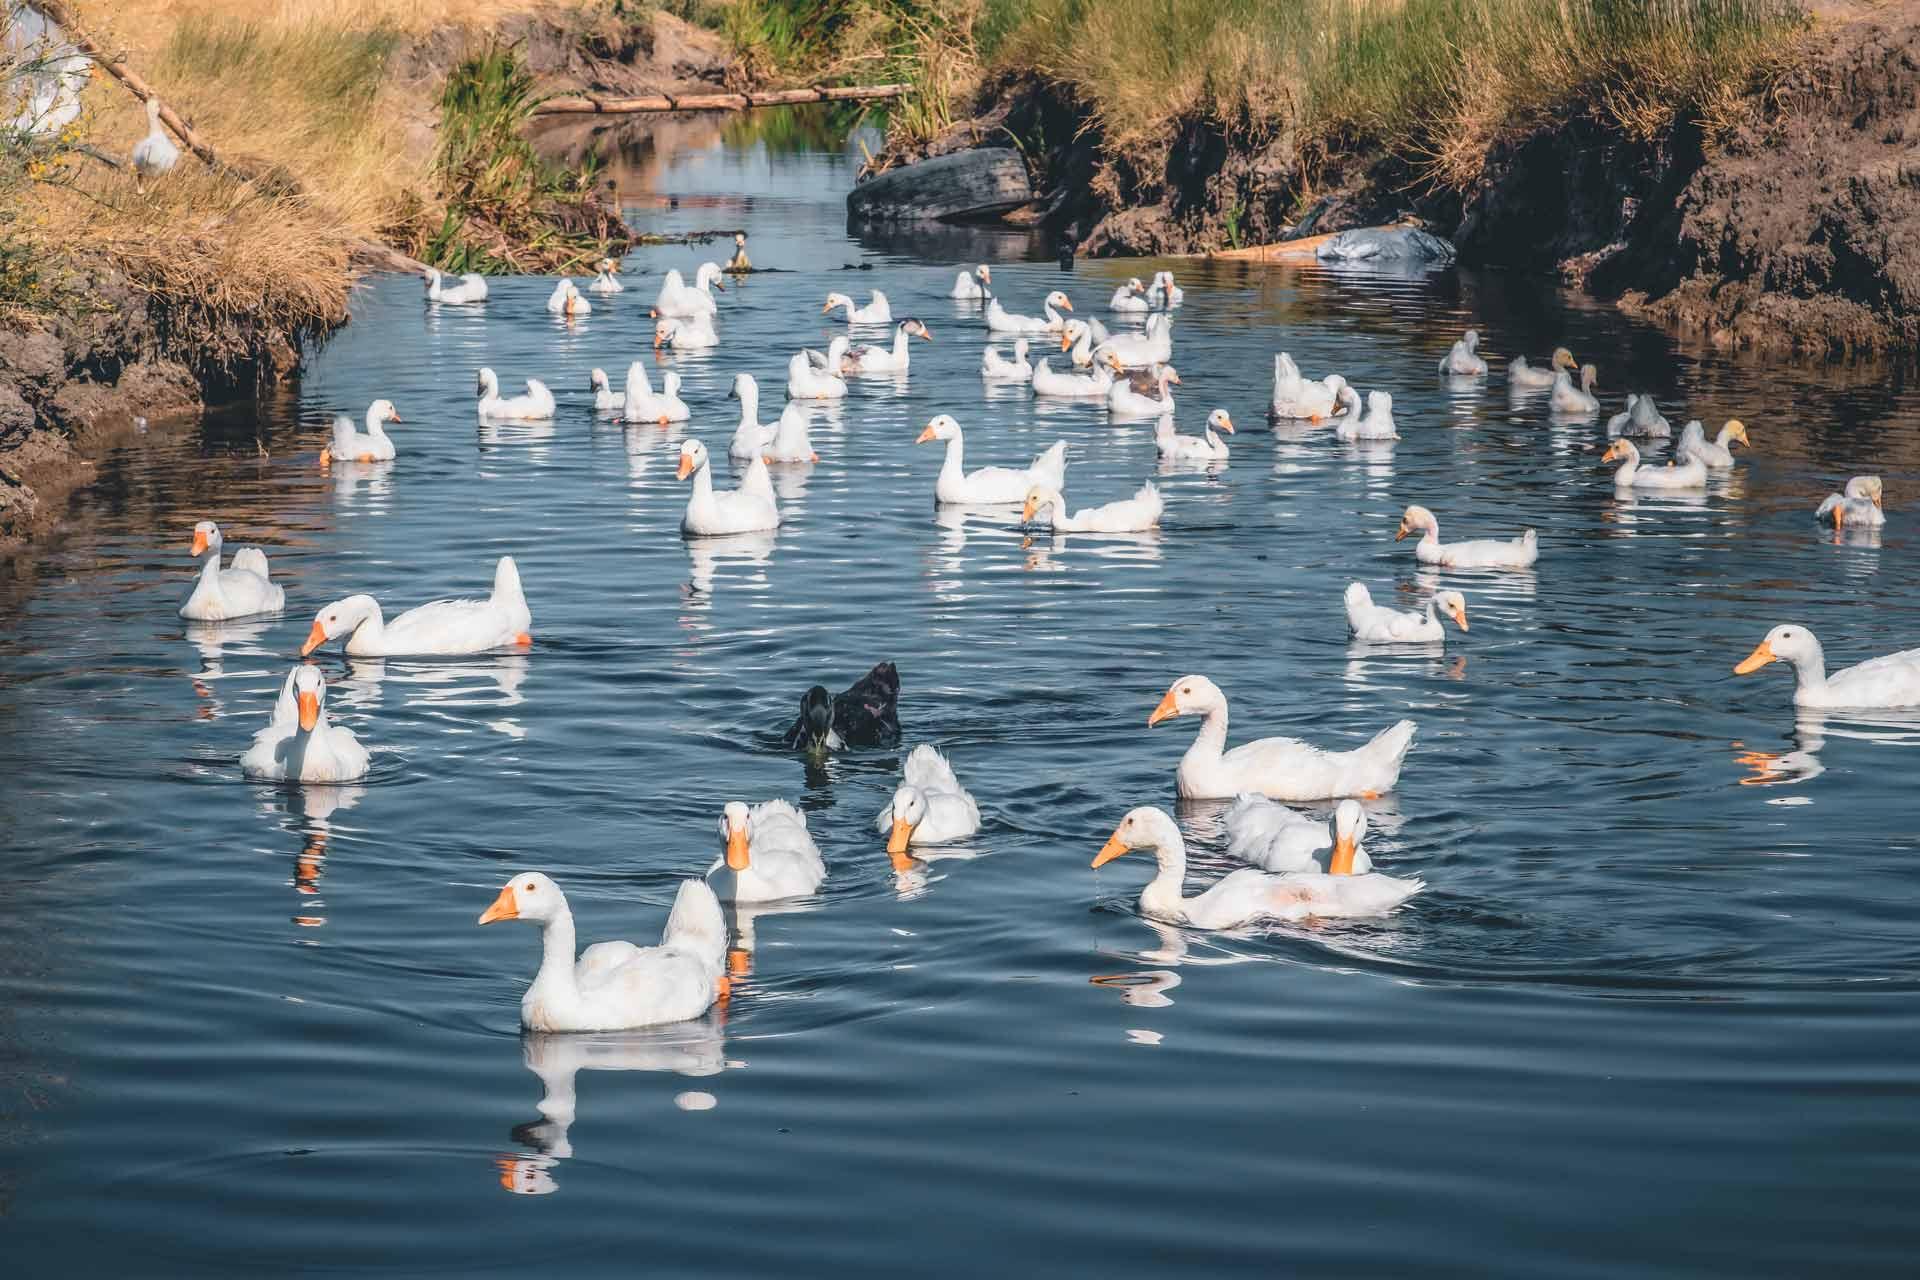 Nehirde yüzen evcil kazlar ve yavruları